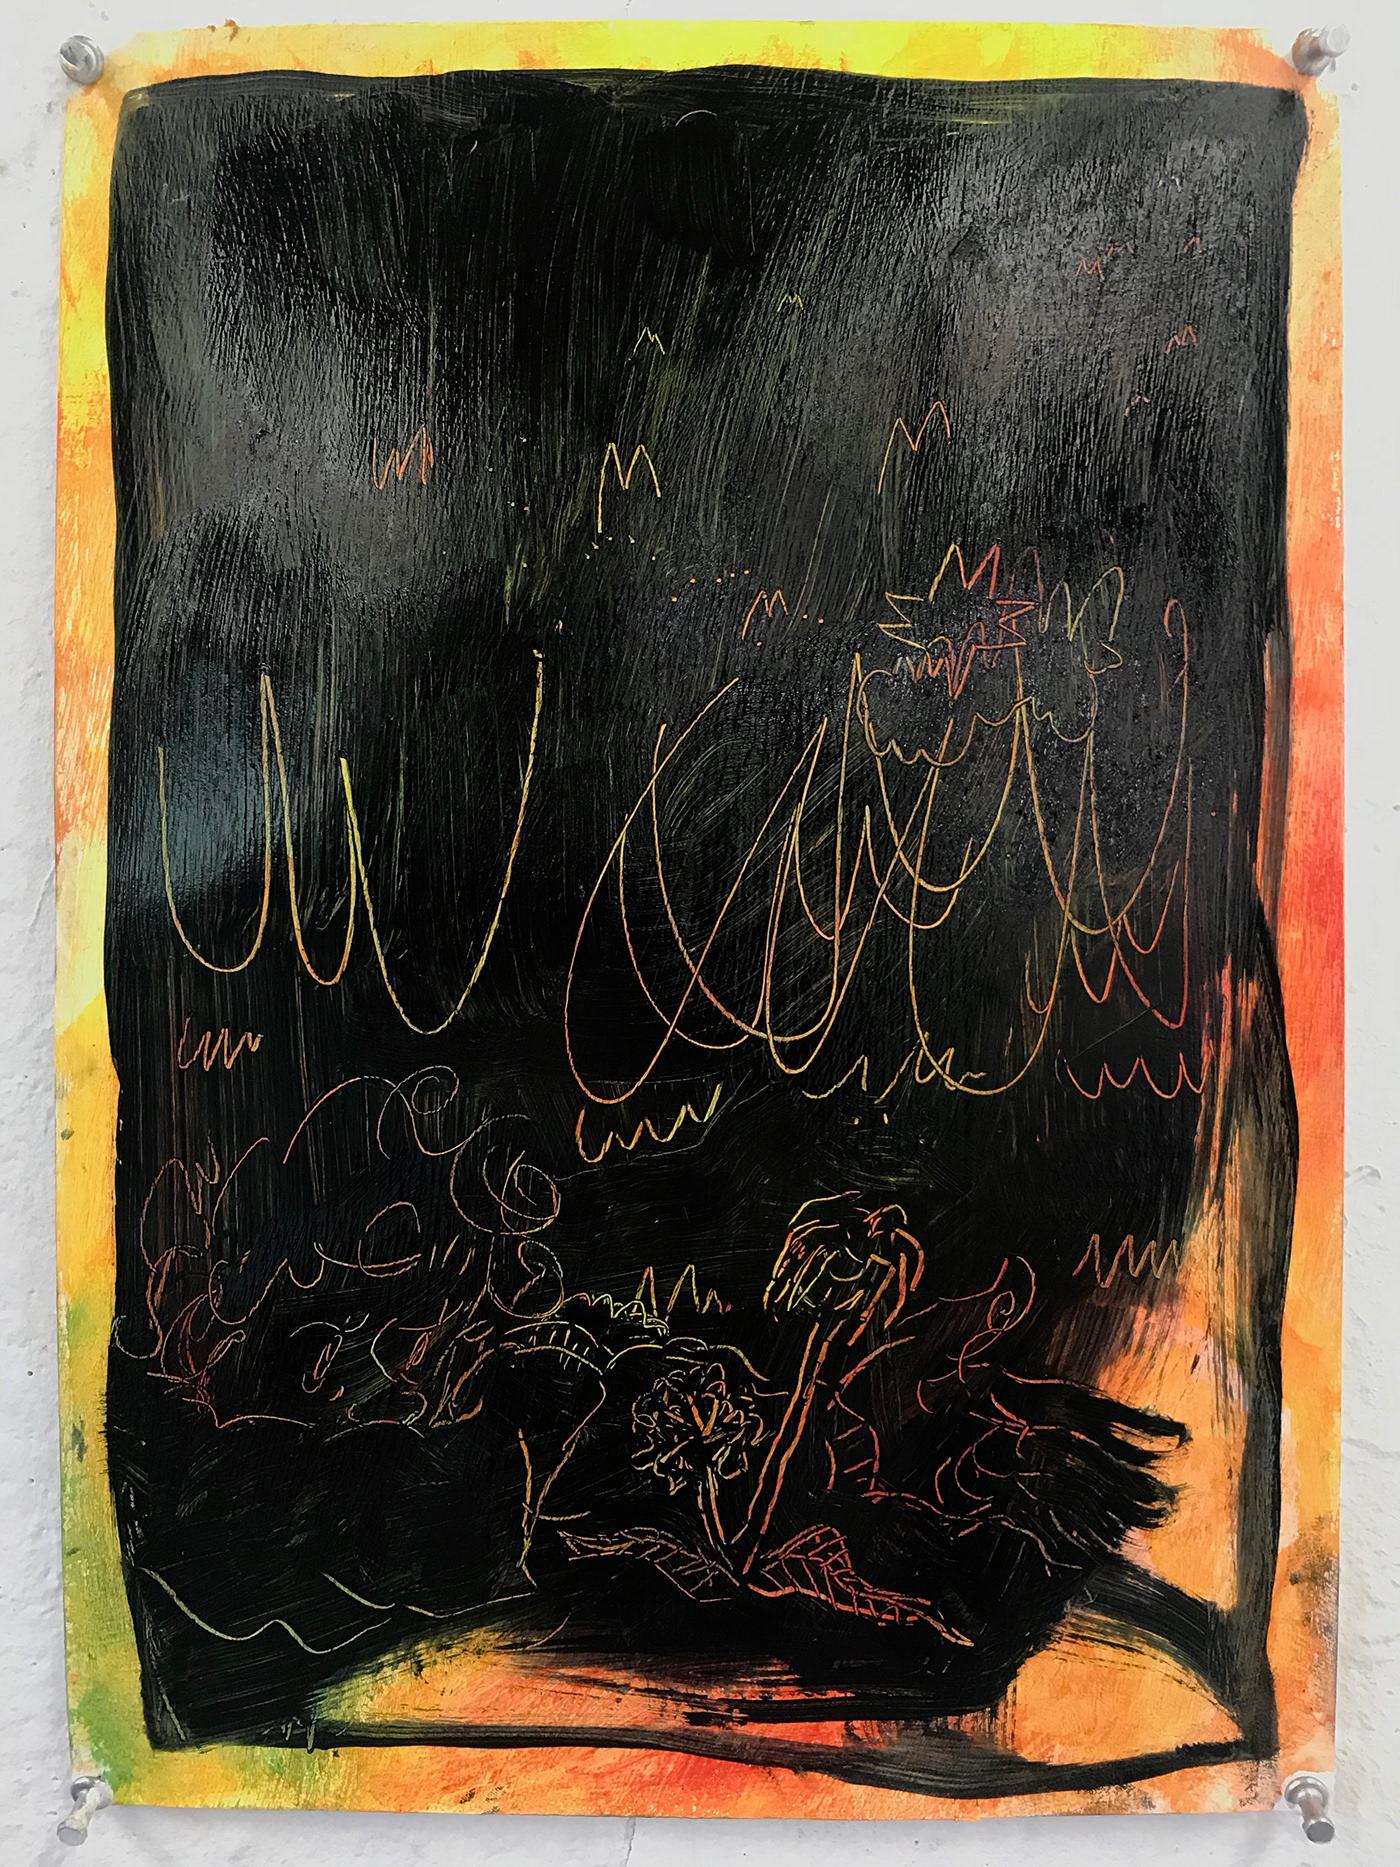 Image may contain: book, handwriting and drawing